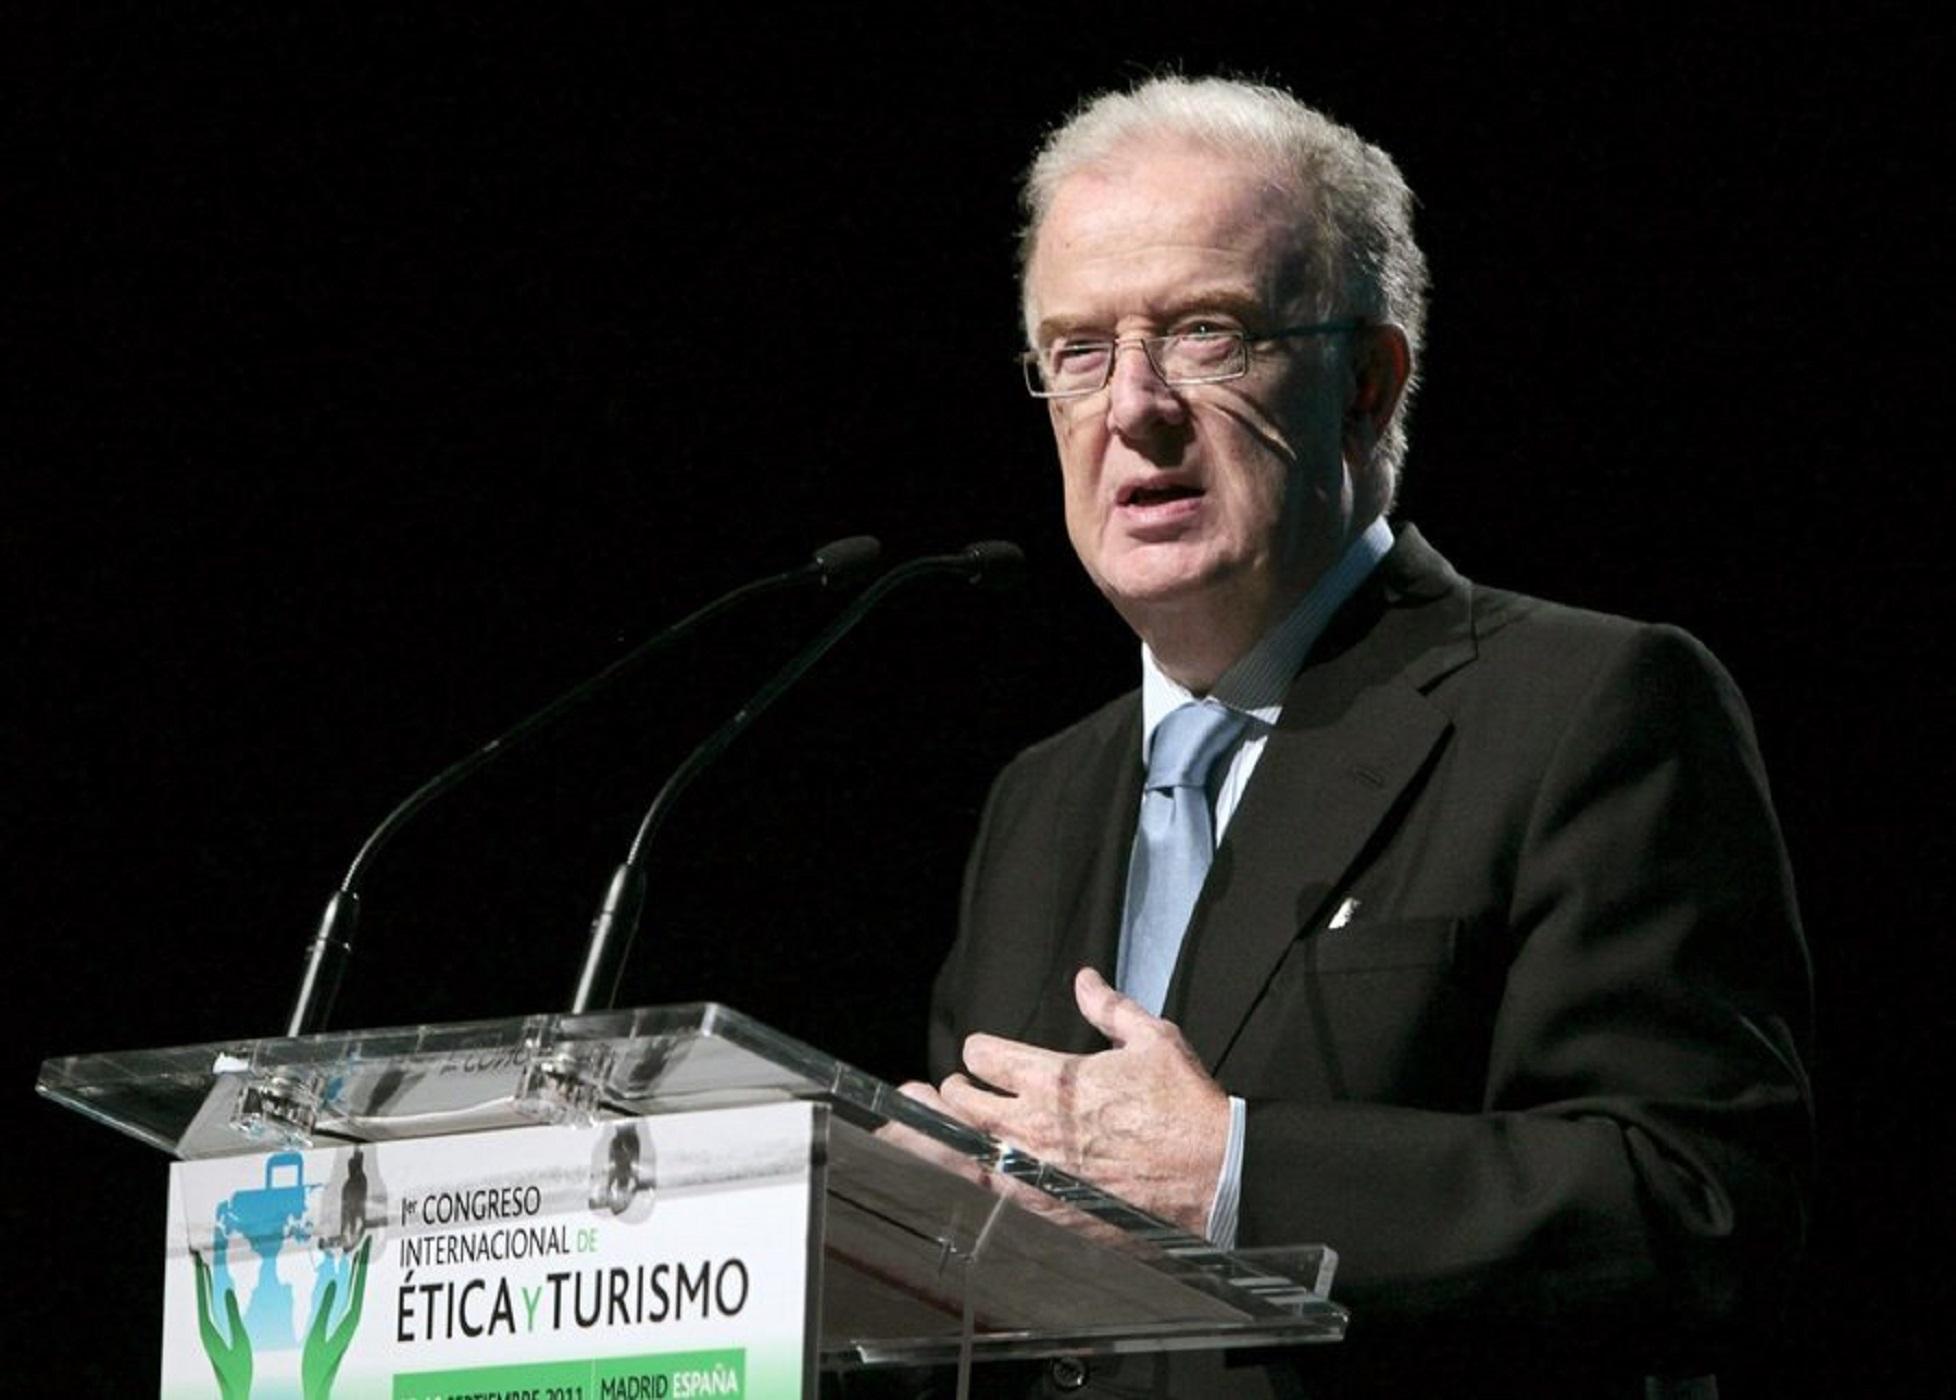 Πορτογαλία: Πέθανε ο πρώην πρόεδρος Ζόρζε Σαμπάιο